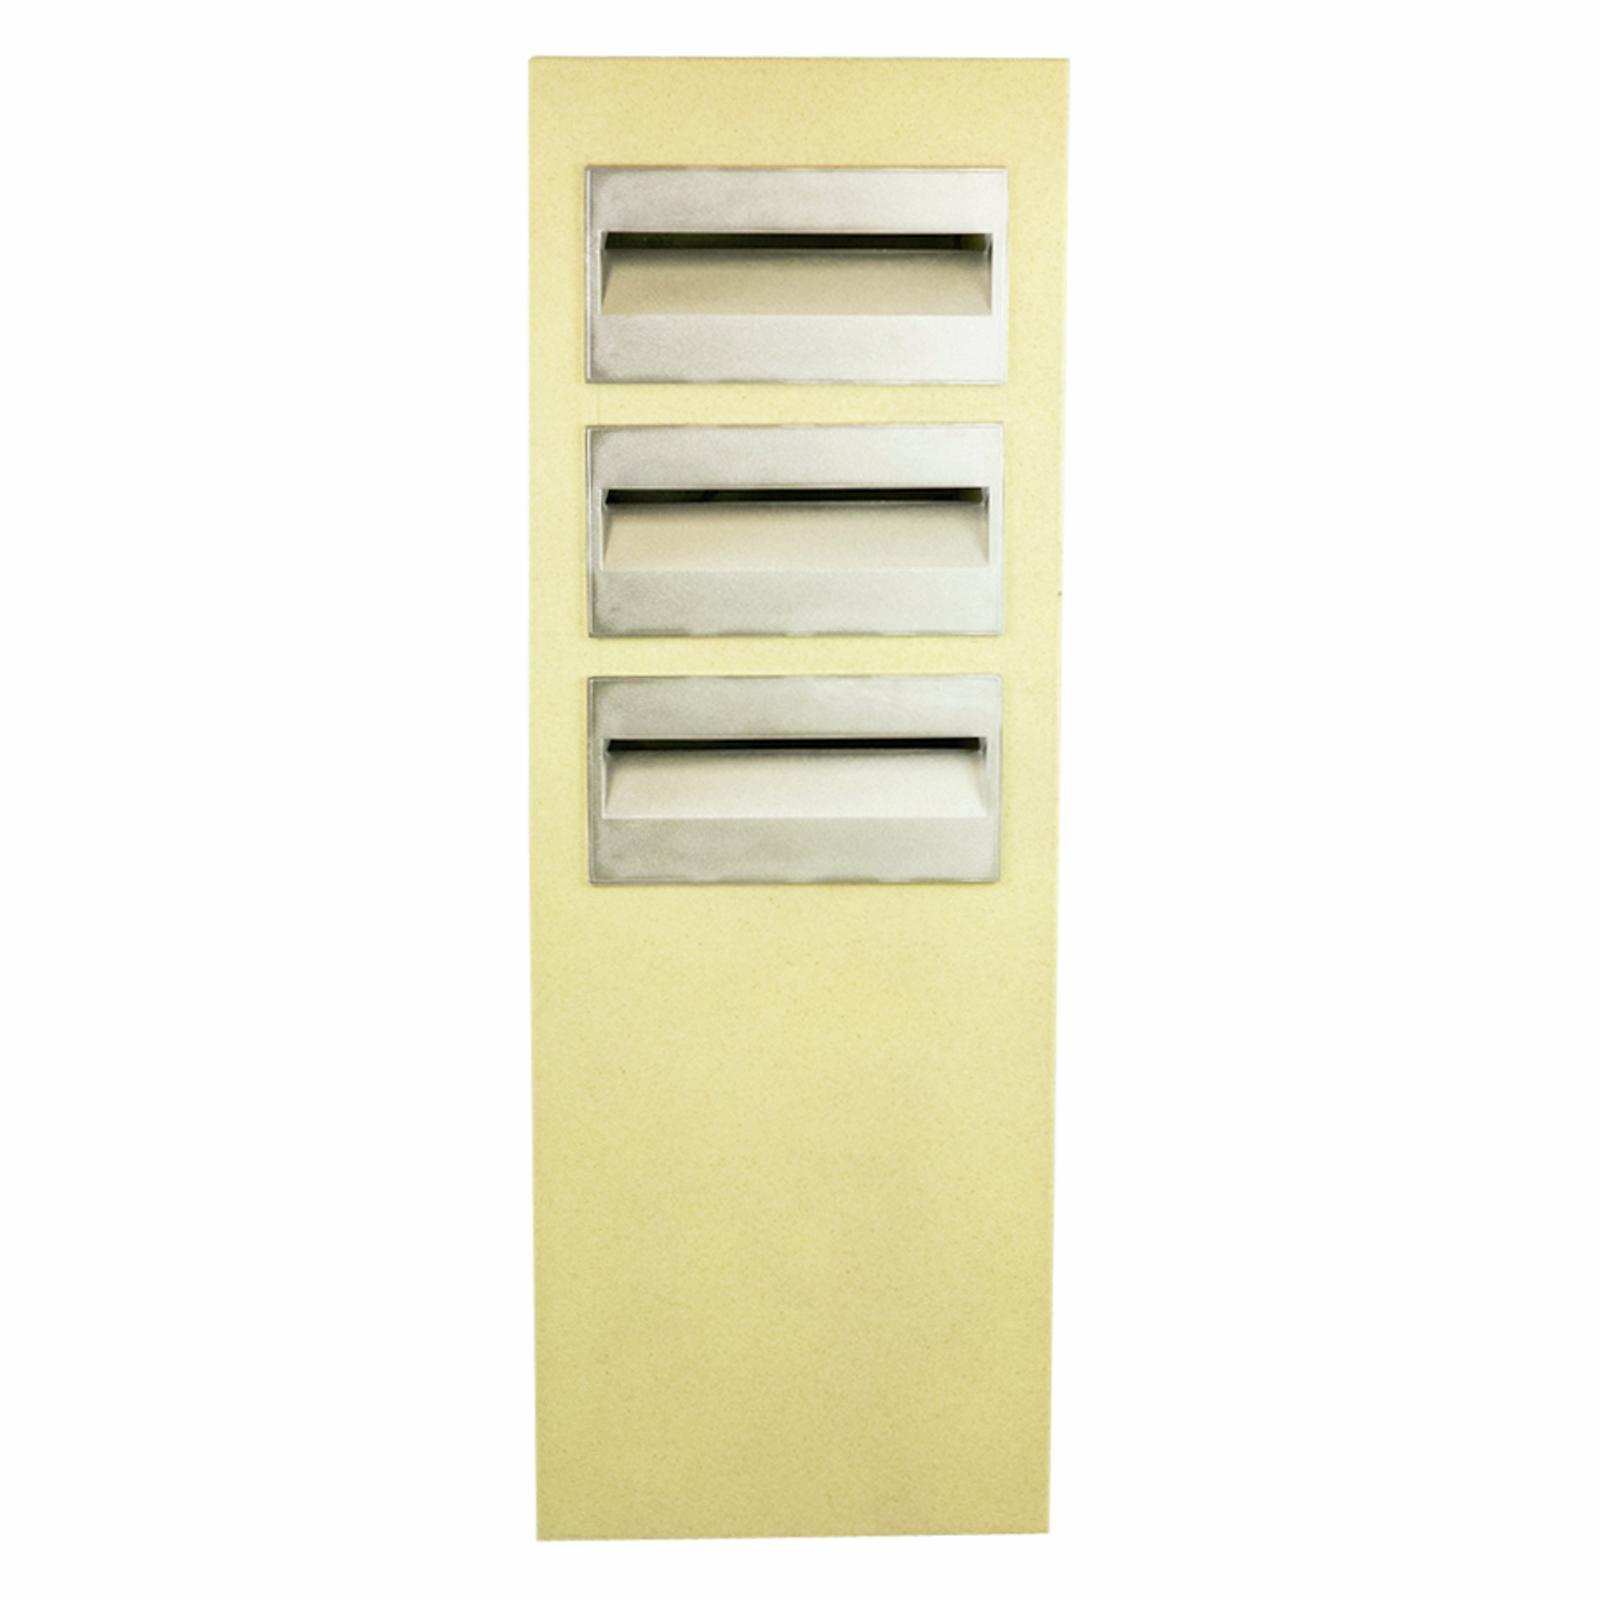 Letterbox Pillar Polytek Triplex L1051key